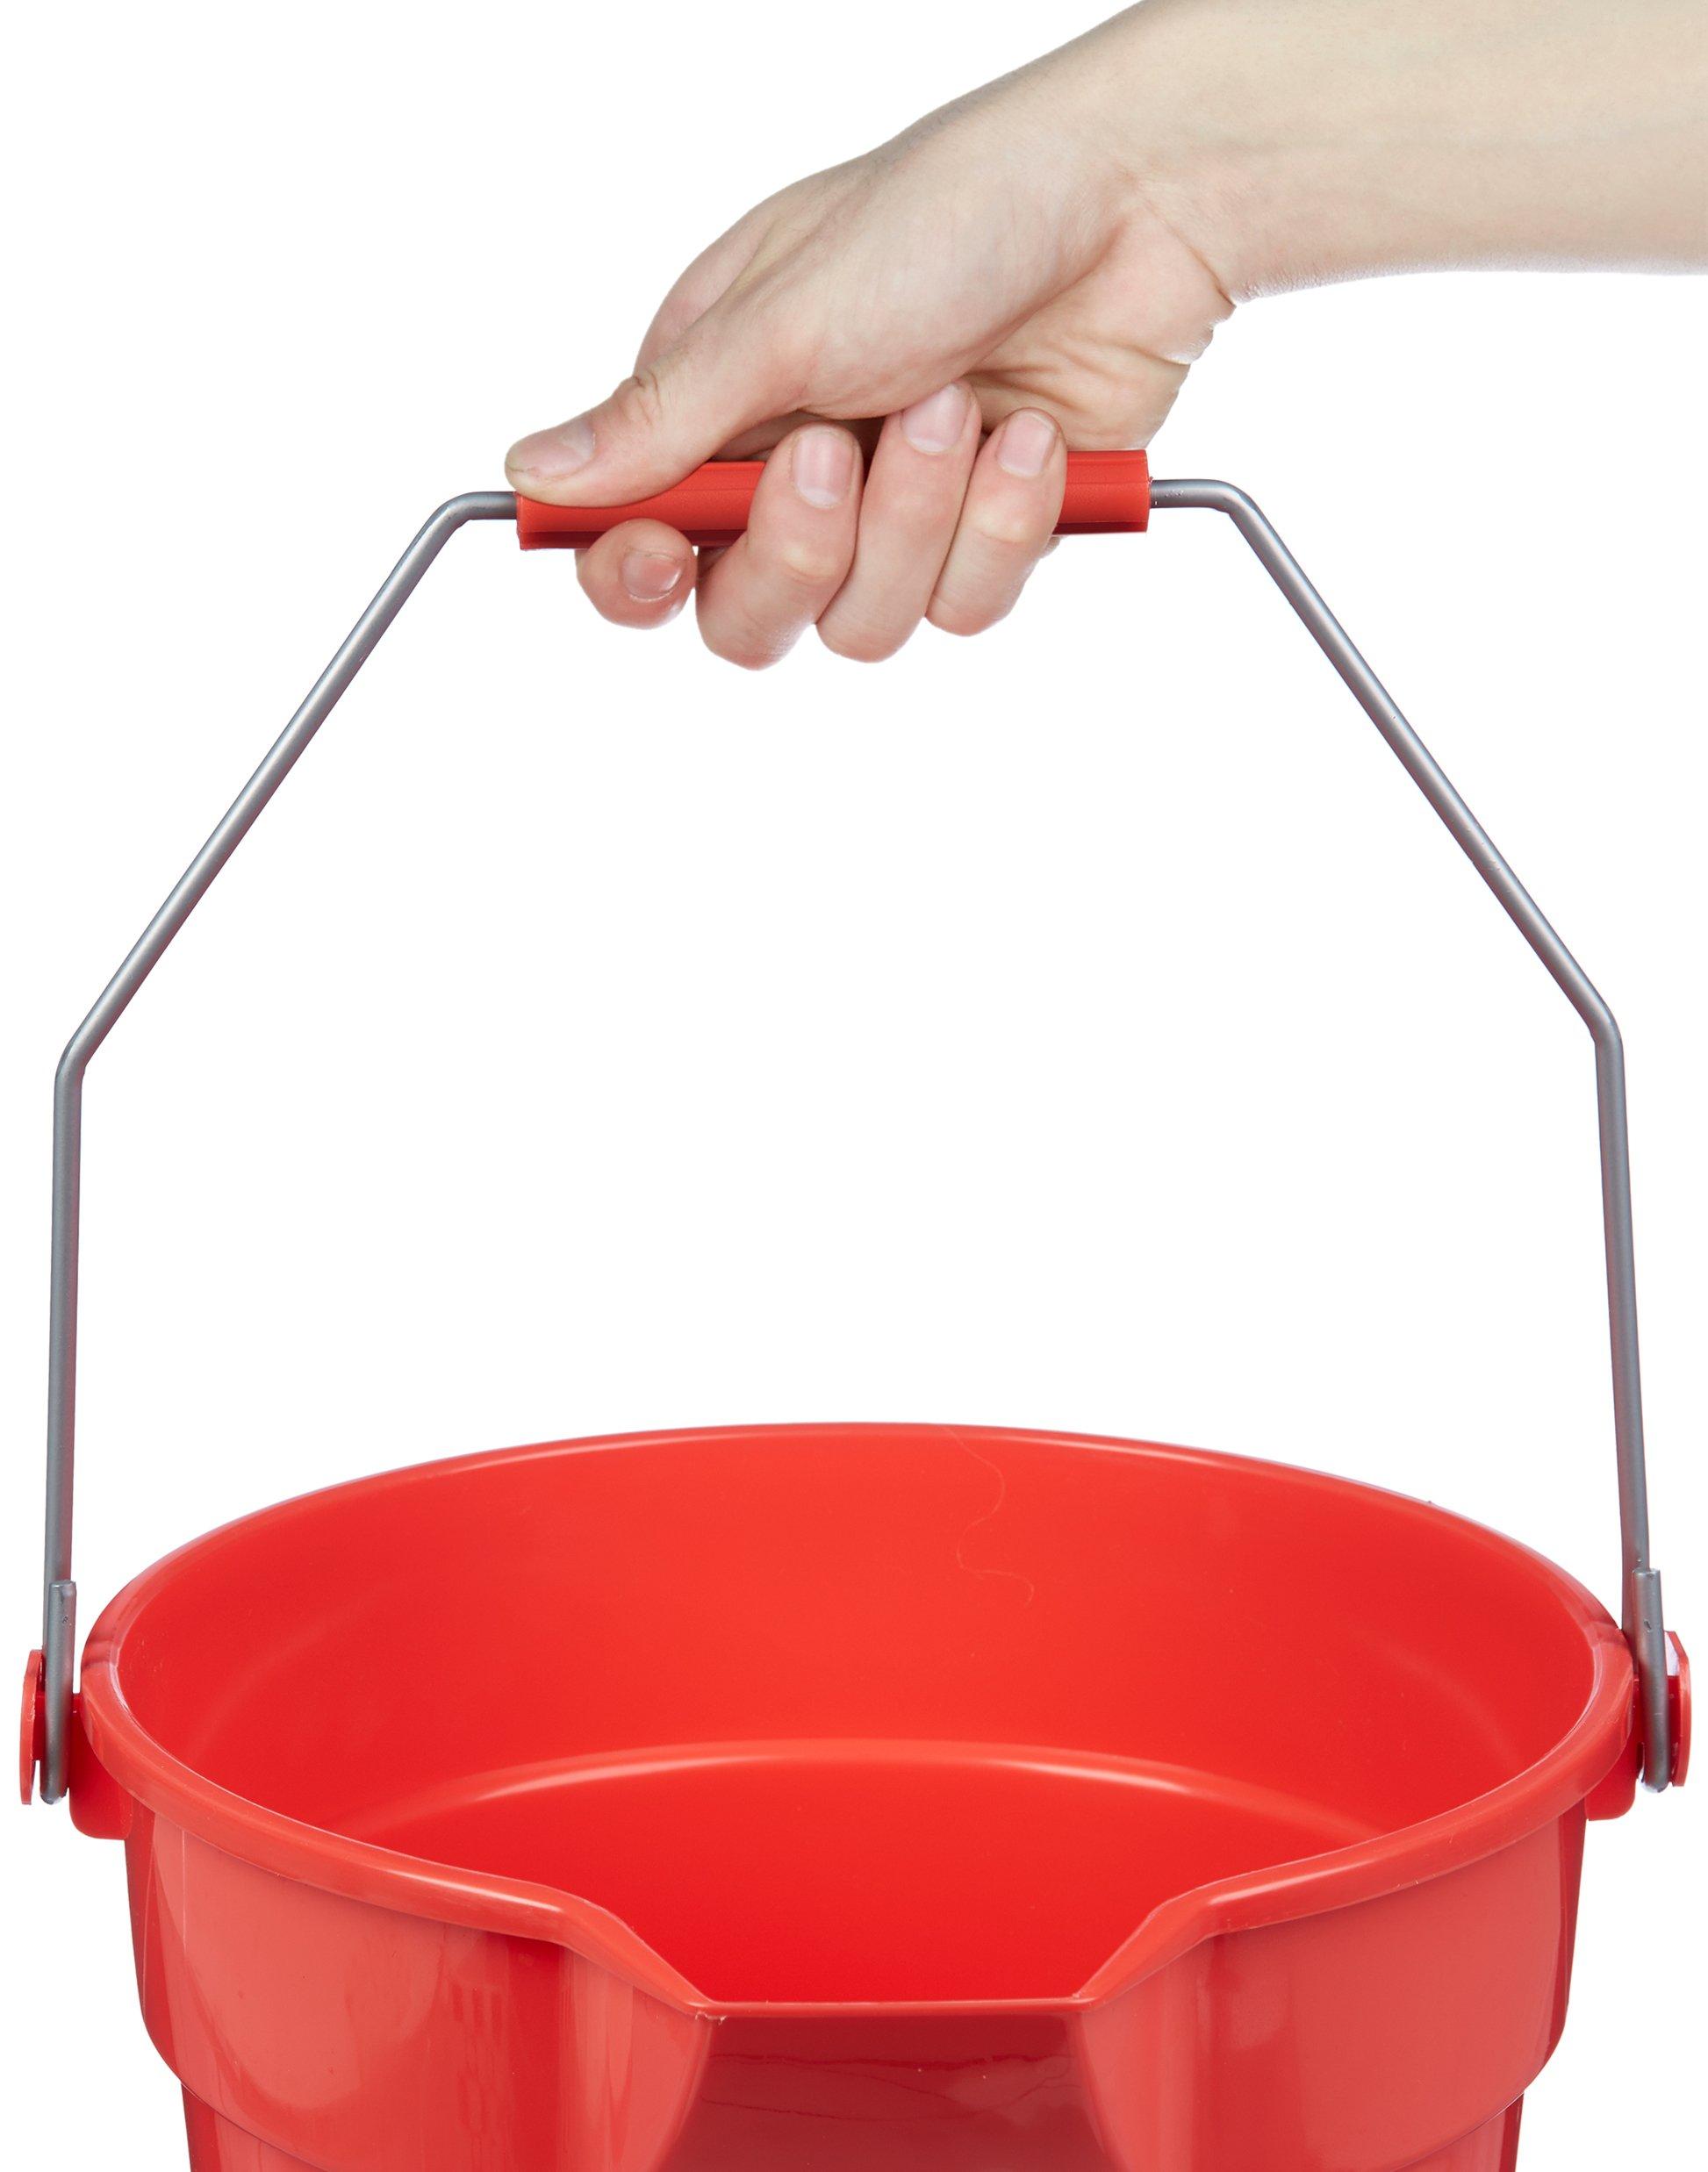 AmazonBasics 10 Quart Plastic Cleaning Bucket, Red - 6-Pack by AmazonBasics (Image #4)